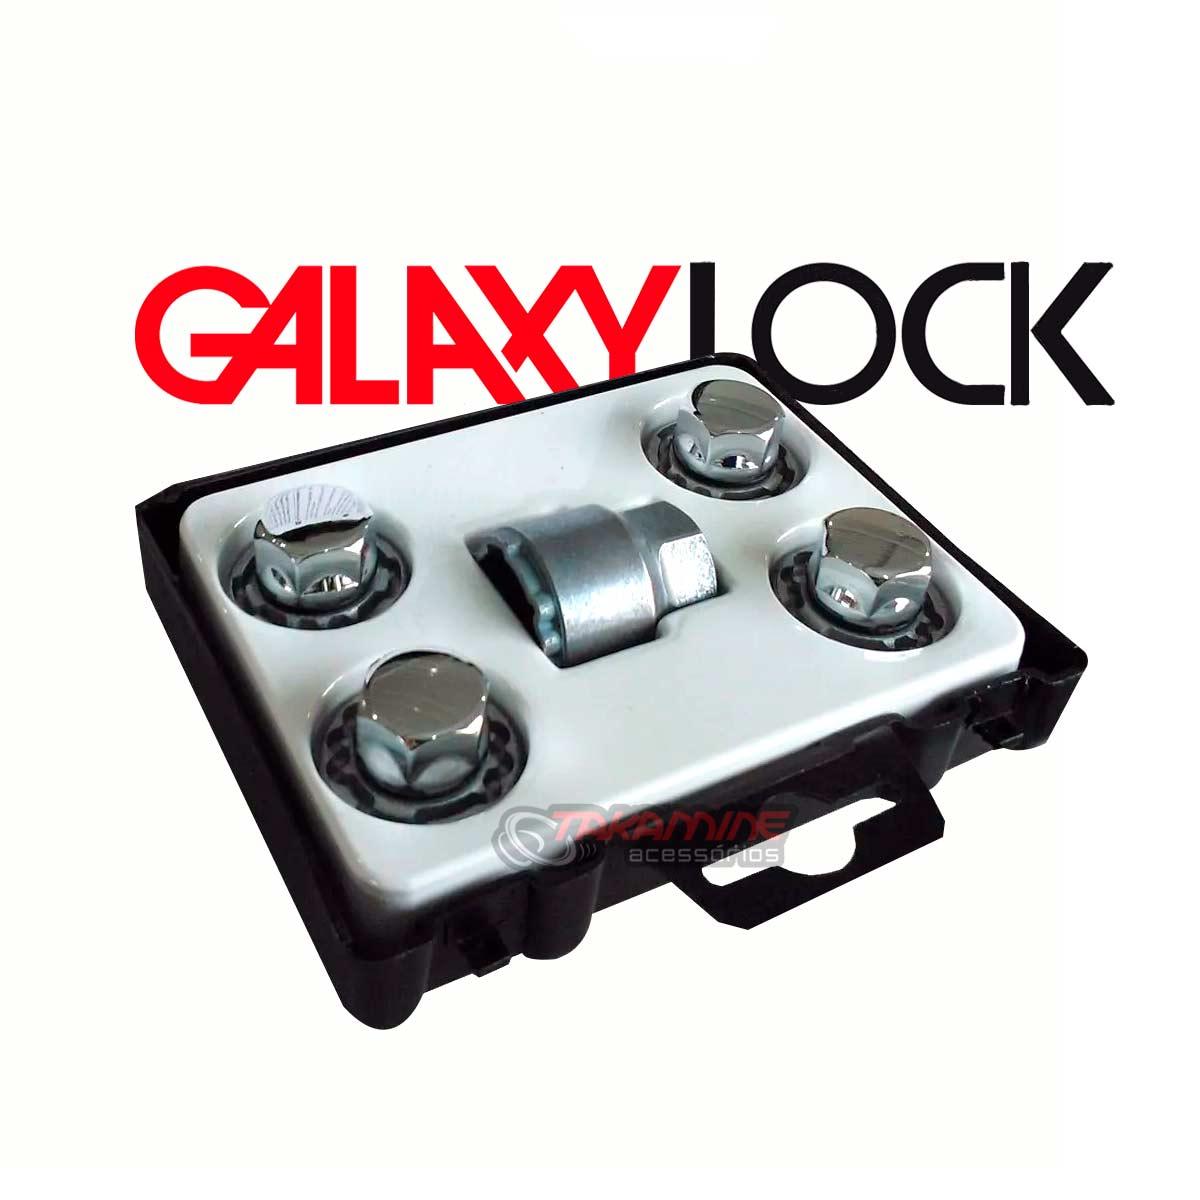 Porca antifurto para rodas Galaxy Lock Kicks 2016 até 2020 DNL/M